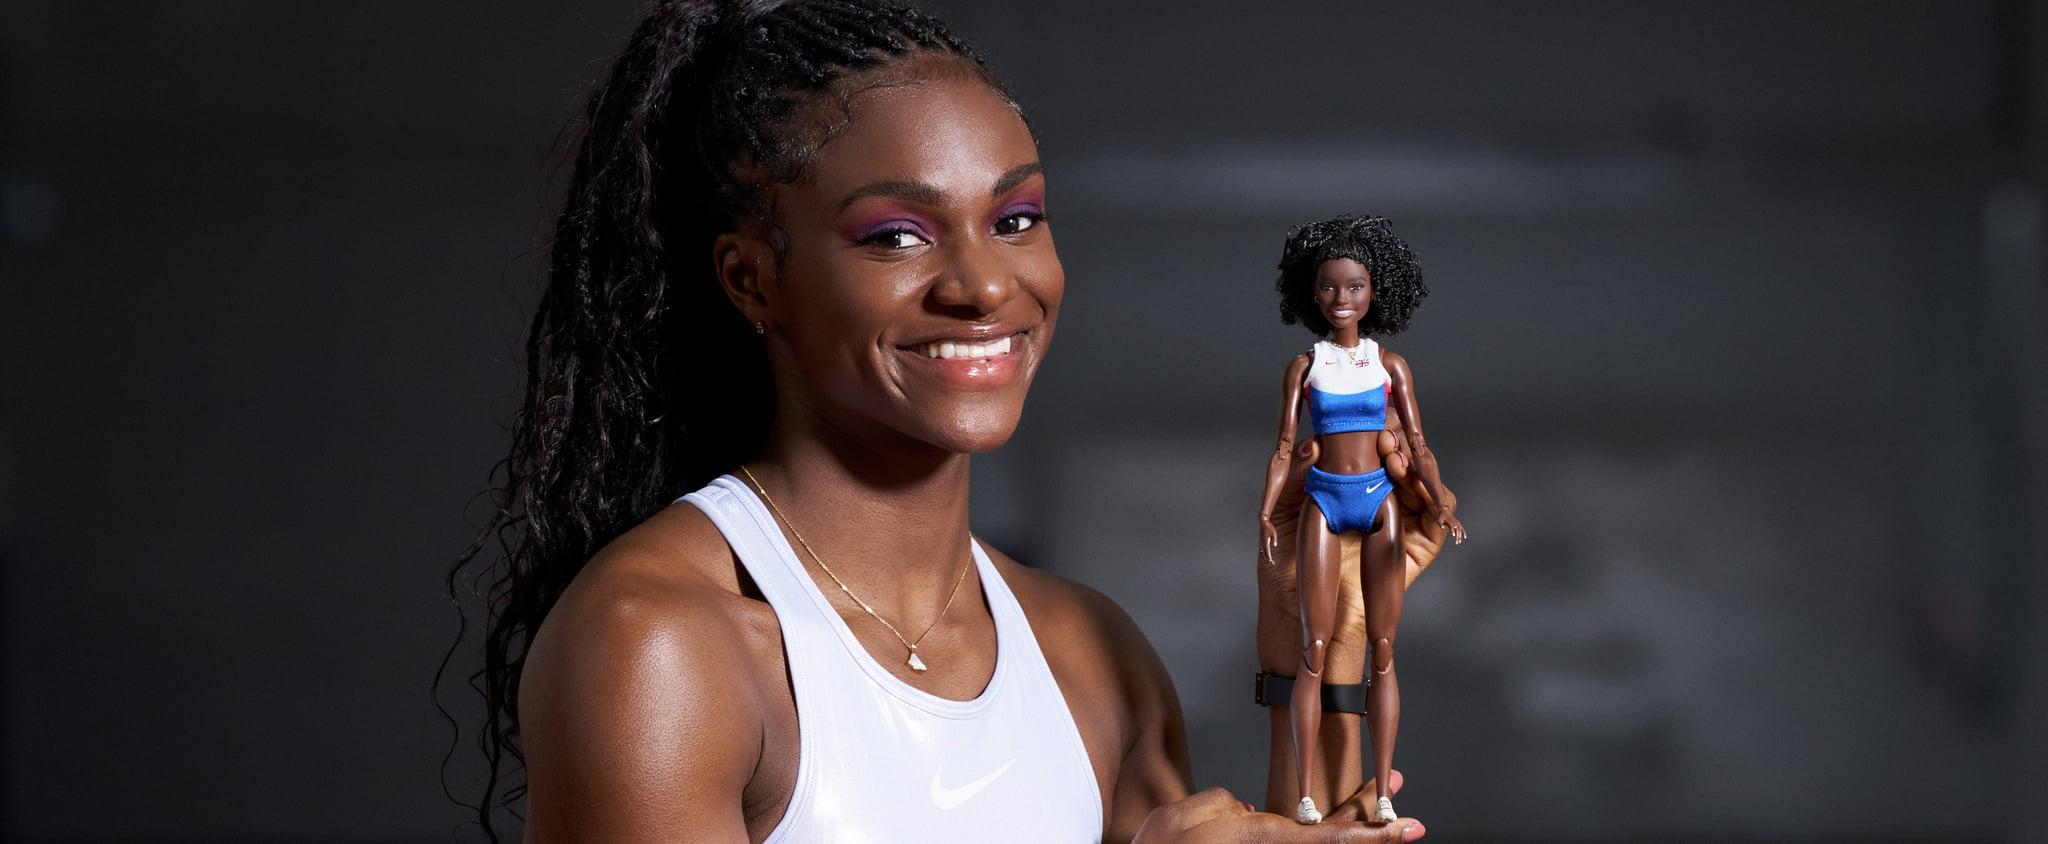 La sprinteuse britannique Dina Asher-Smith et la sauteuse en longueur allemande Malaika Mihambo ont été désignée égéries de Barbie qui met à l'honneur des femmes d'exception à travers le monde.